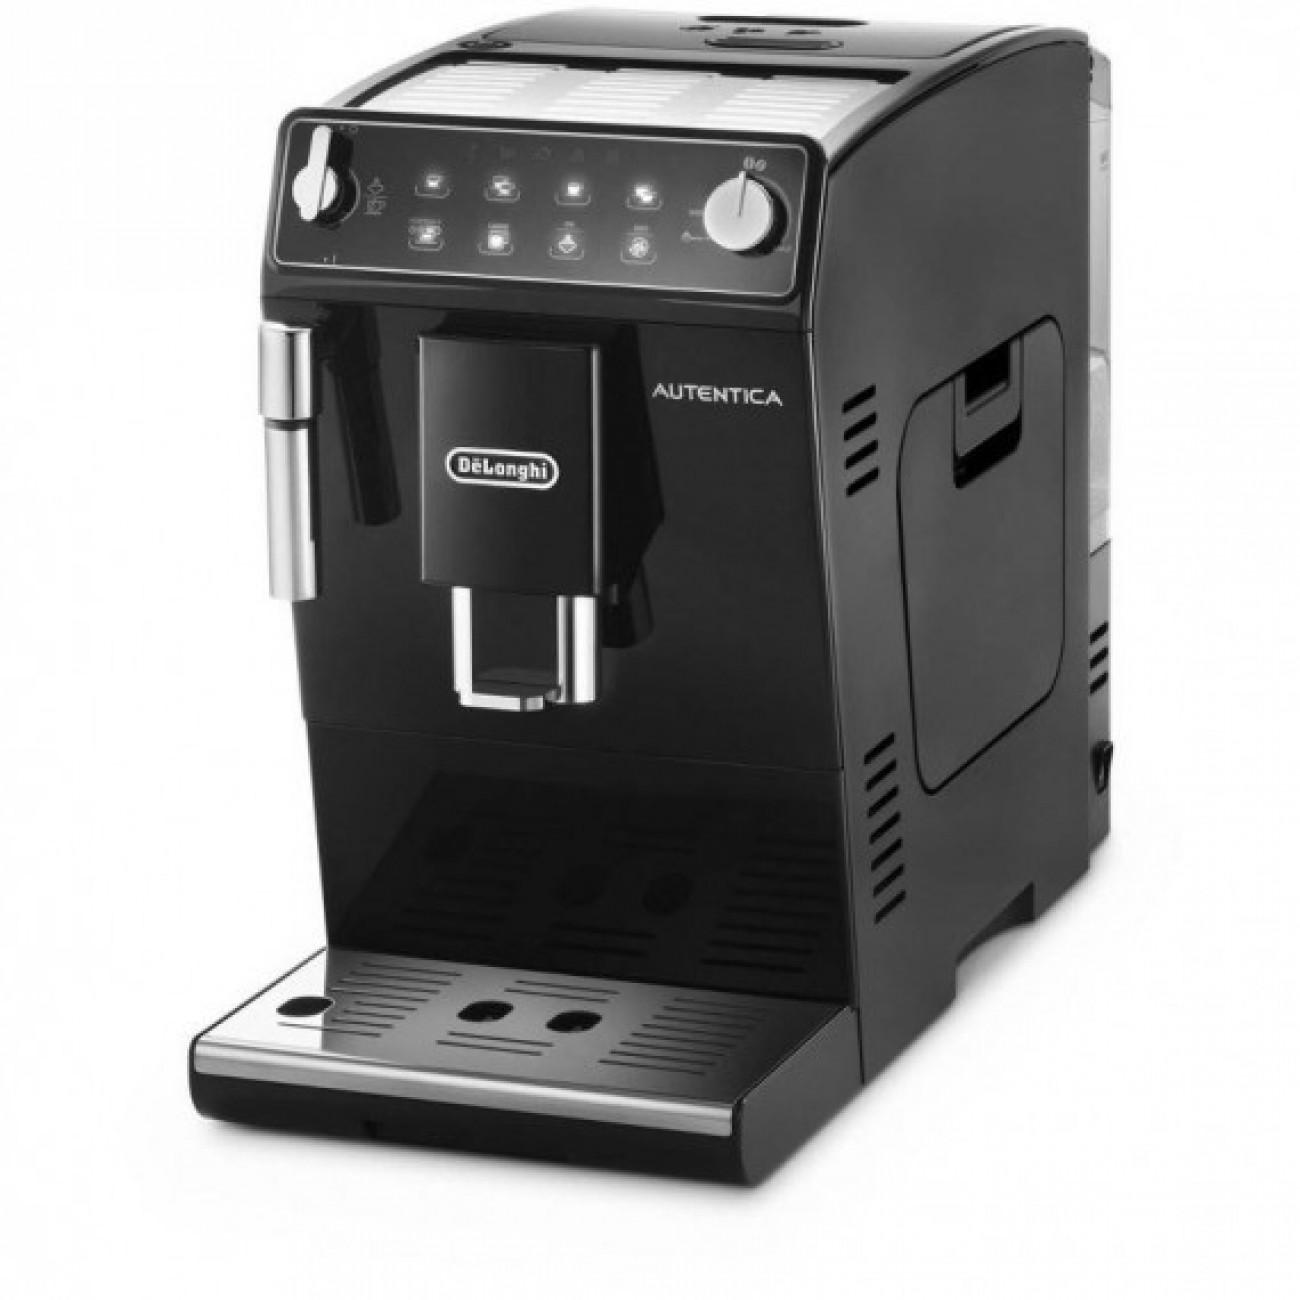 Кафеавтомат Delonghi ETAM 29.510.B в Кафемашини - DeLonghi   Alleop